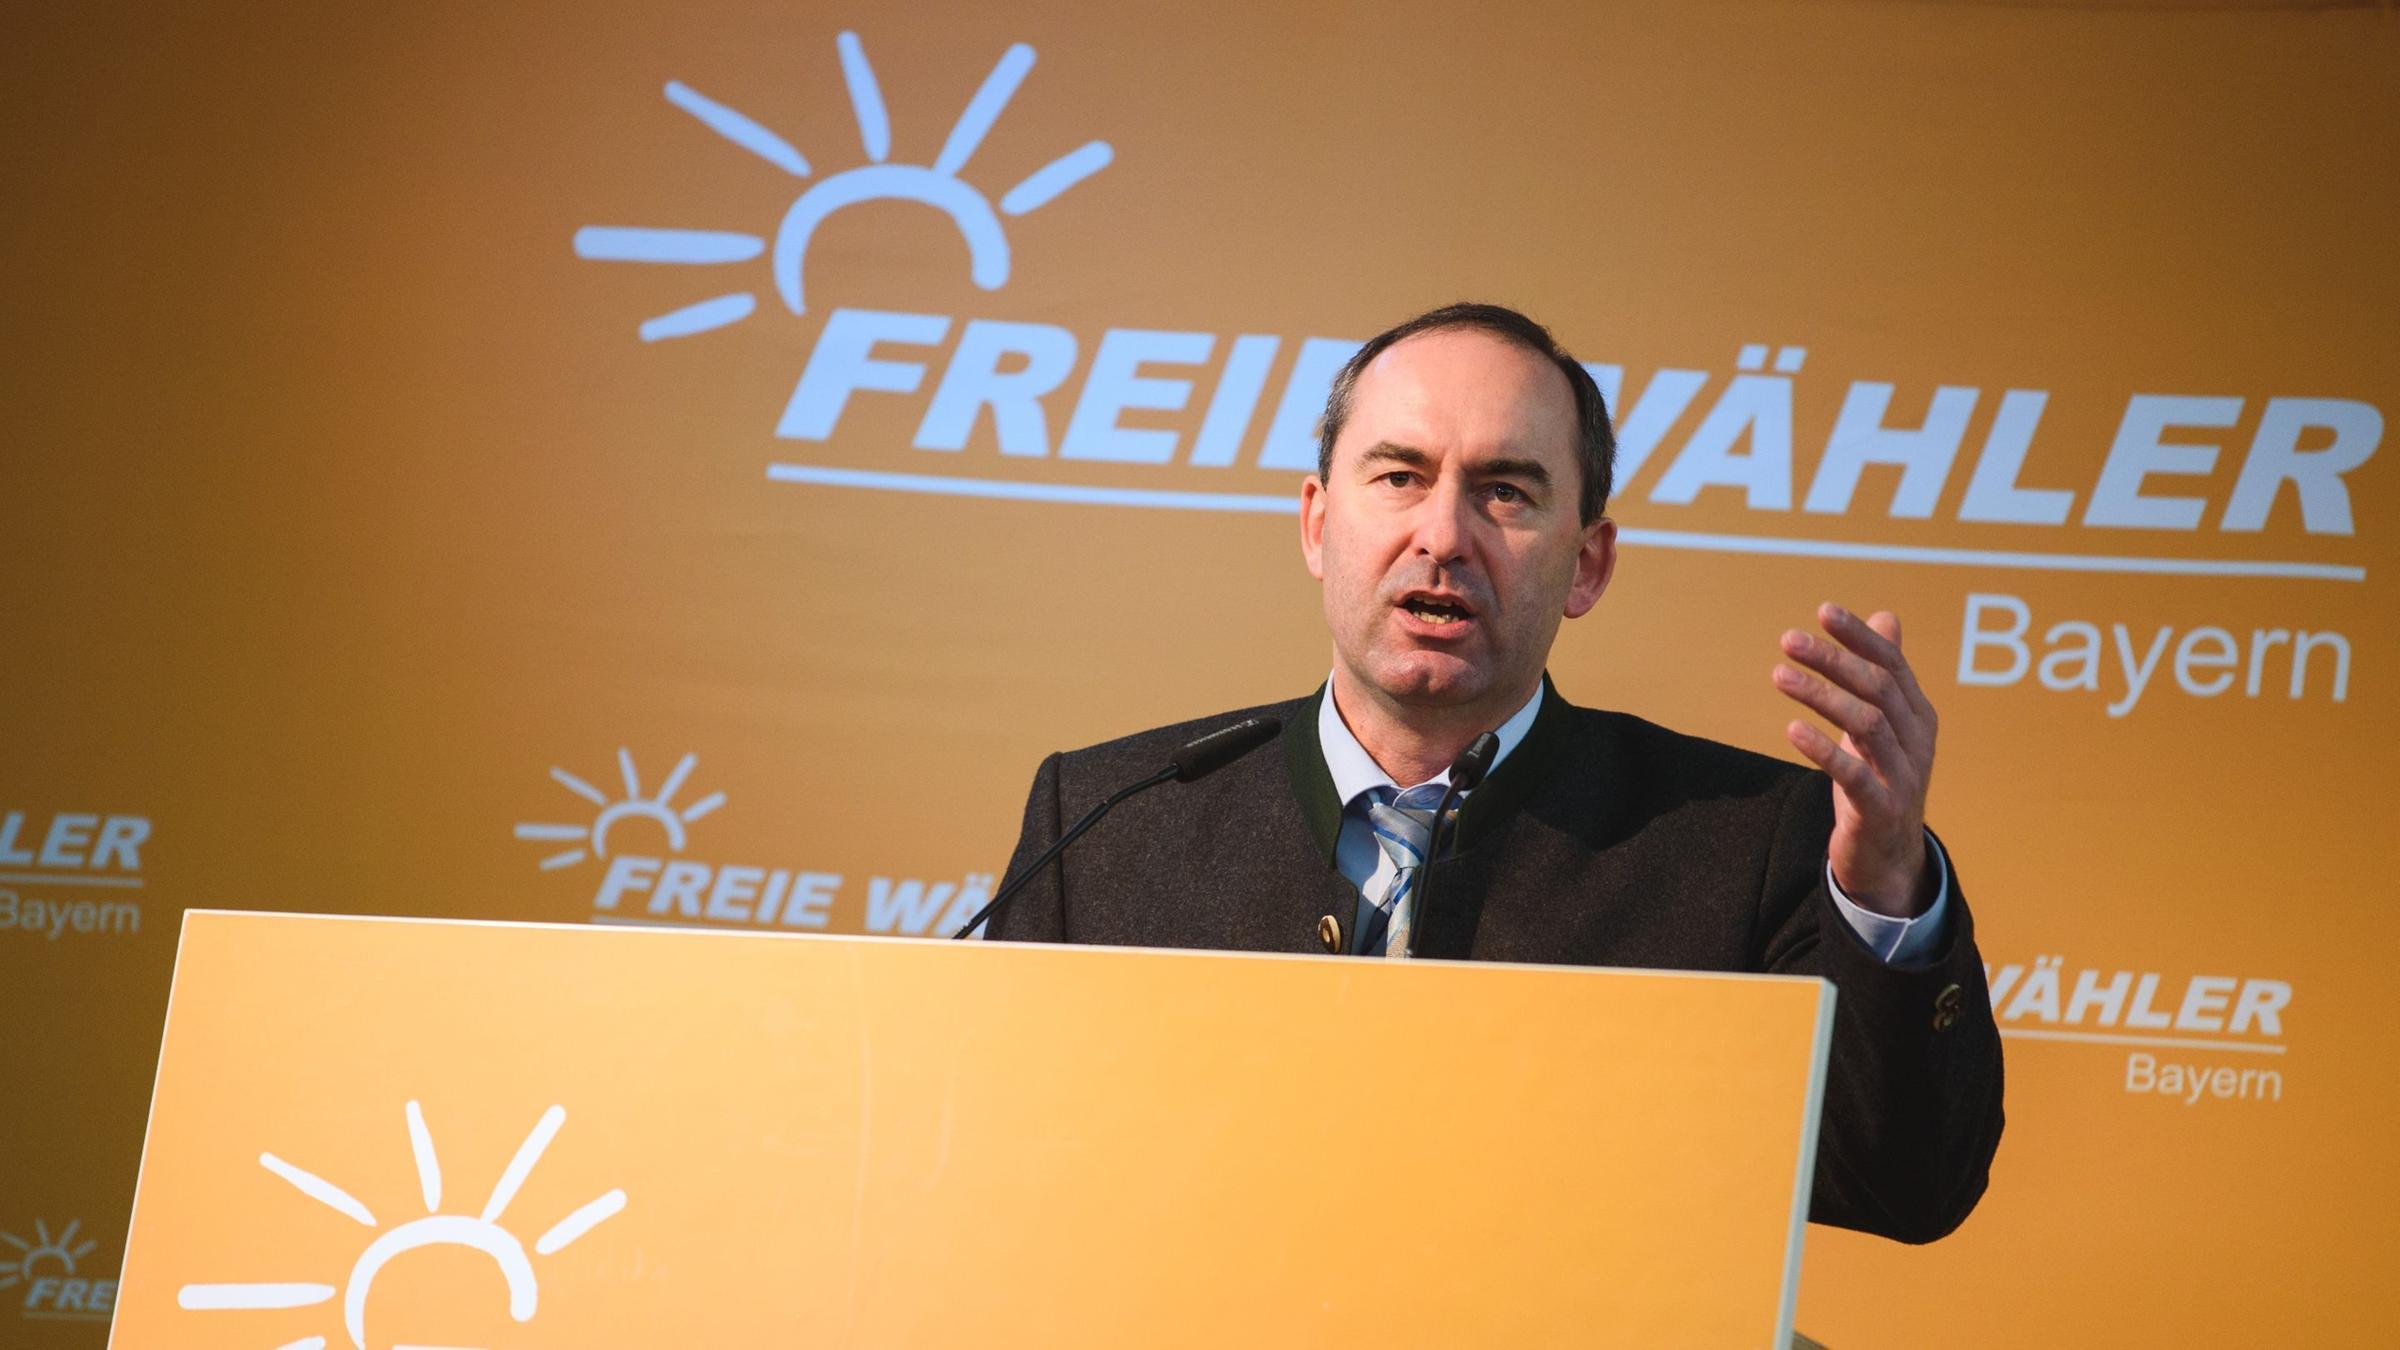 Freie Wähler: Aiwanger bleibt Bundesvorsitzender - ZDFheute